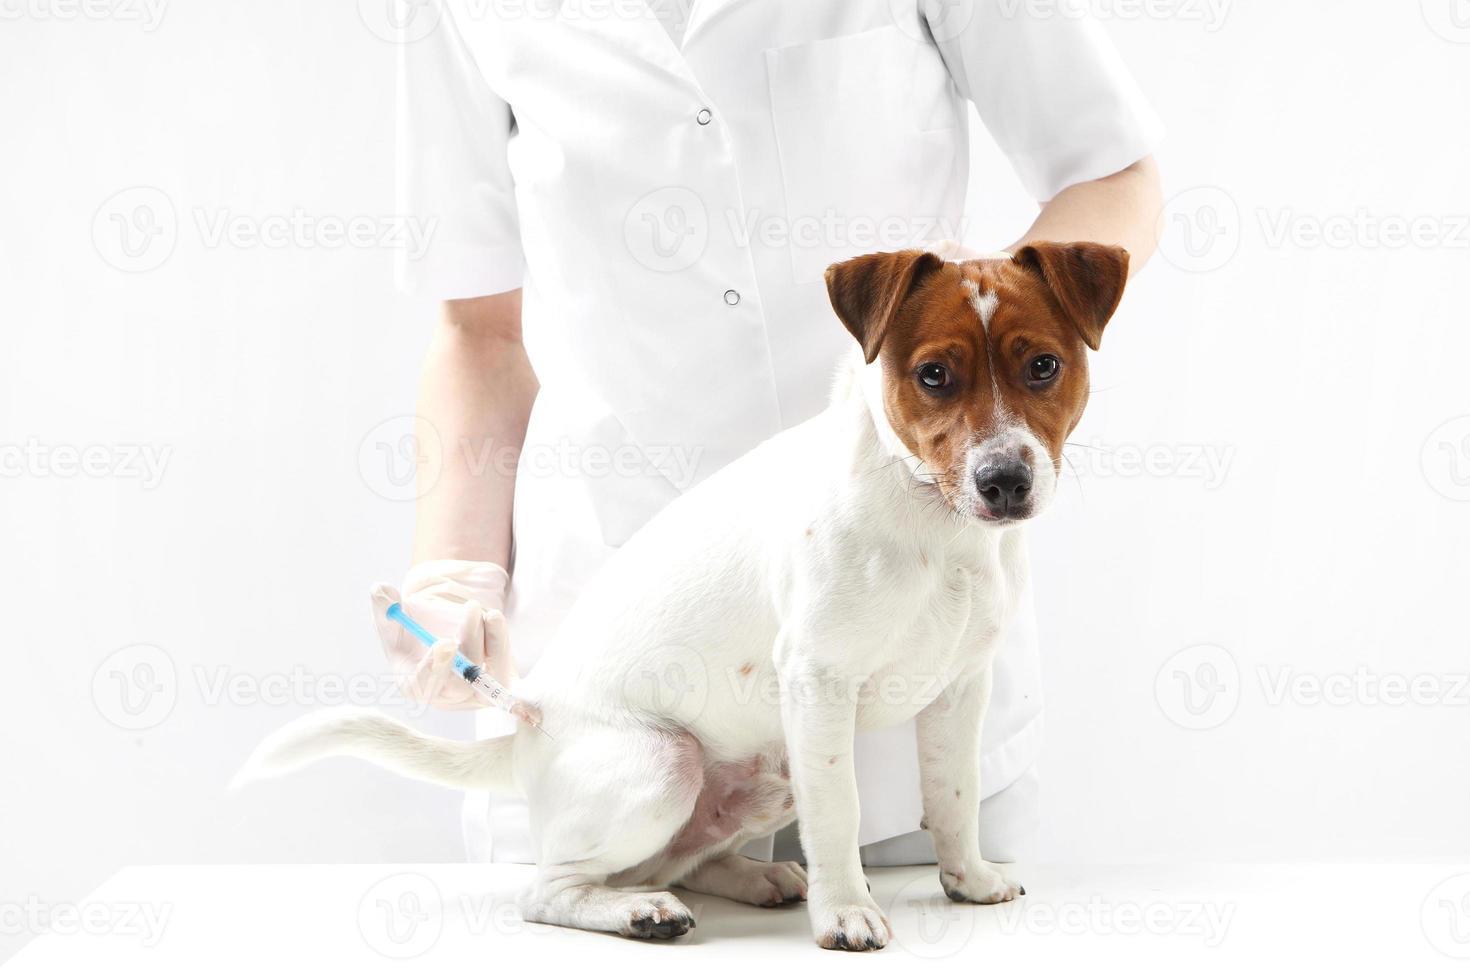 cane dal veterinario vaccinazione foto